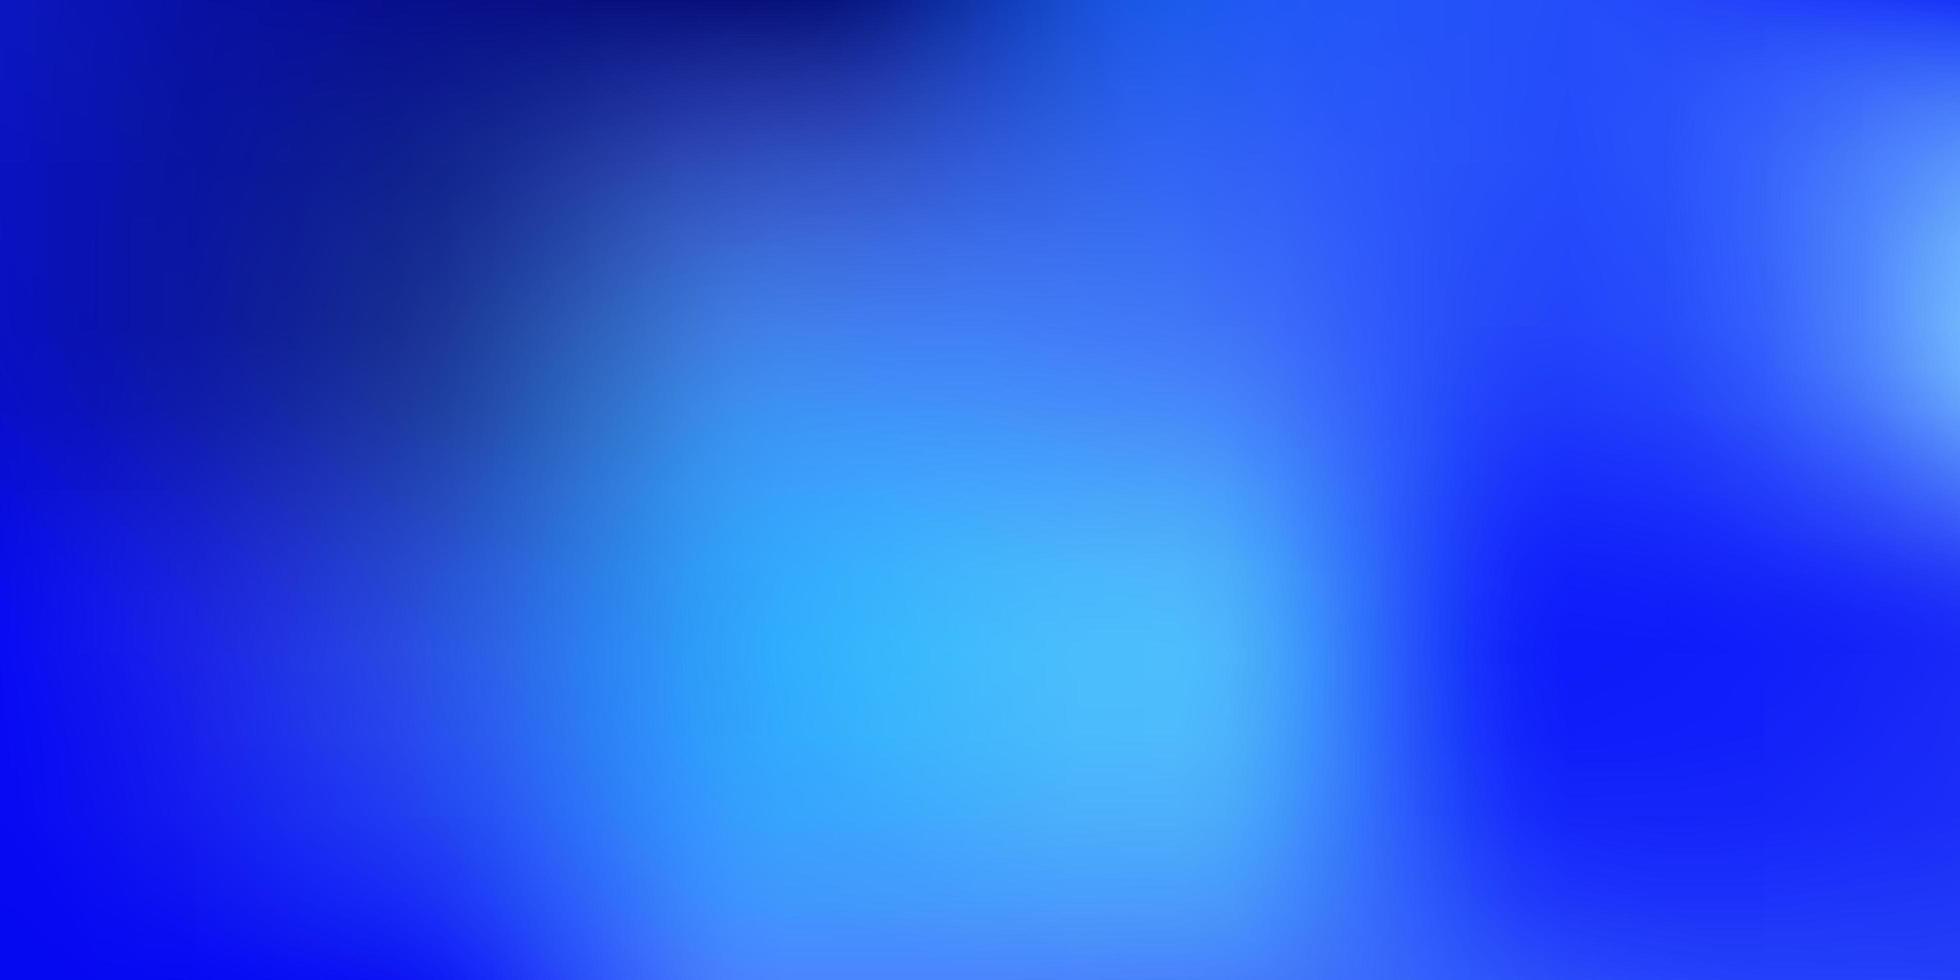 textura do borrão do sumário do vetor azul claro.